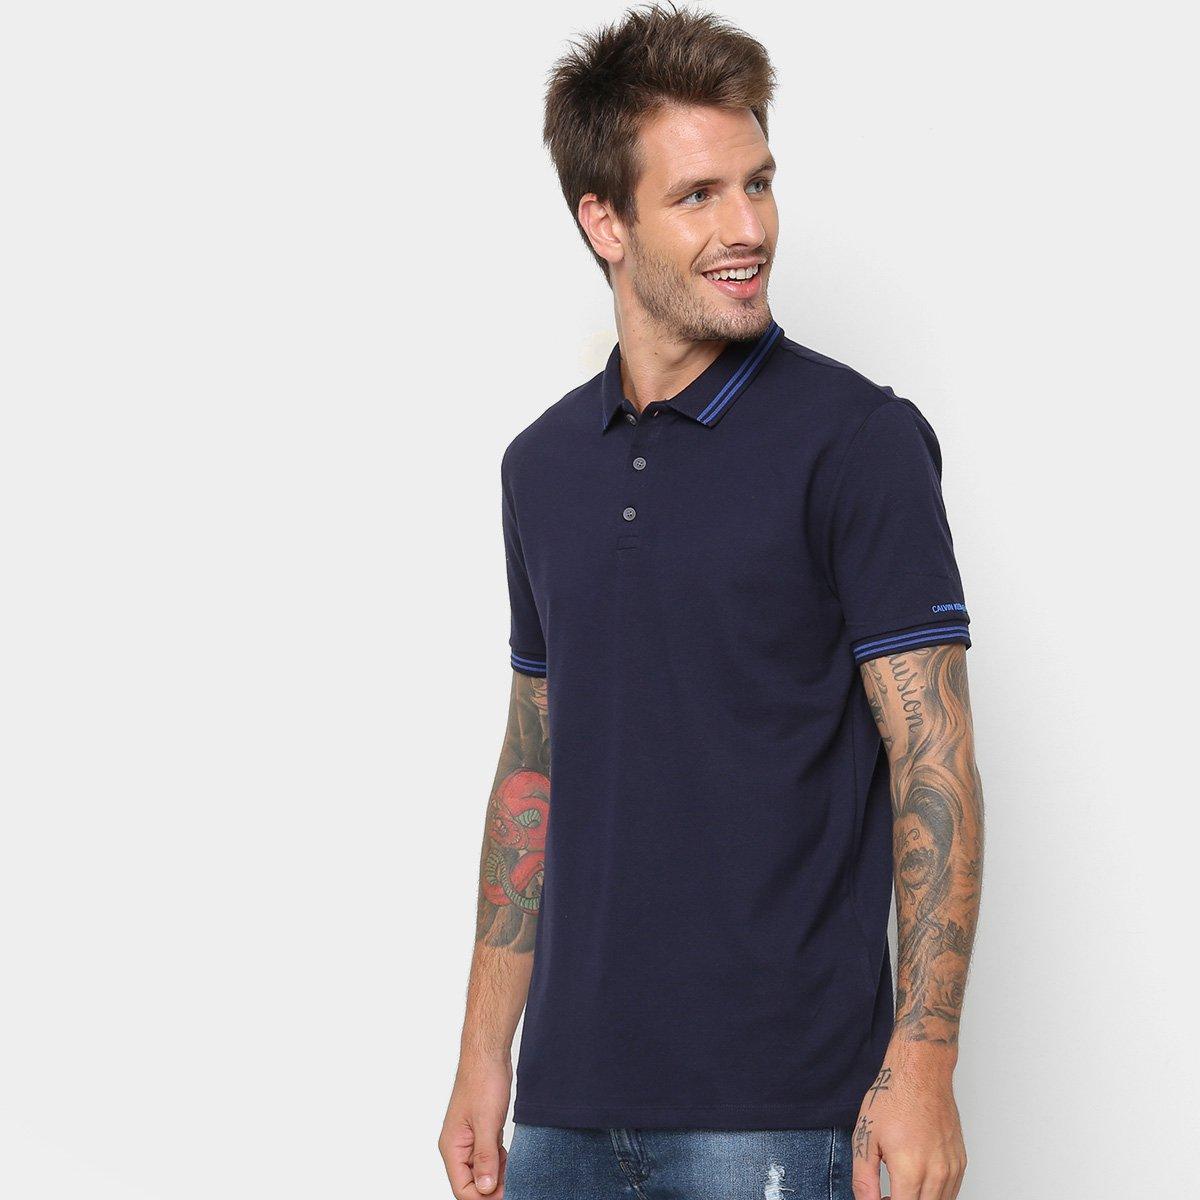 369bbc21e9 Camisa Polo Calvin Klein Listras Masculina - Marinho - Compre Agora ...